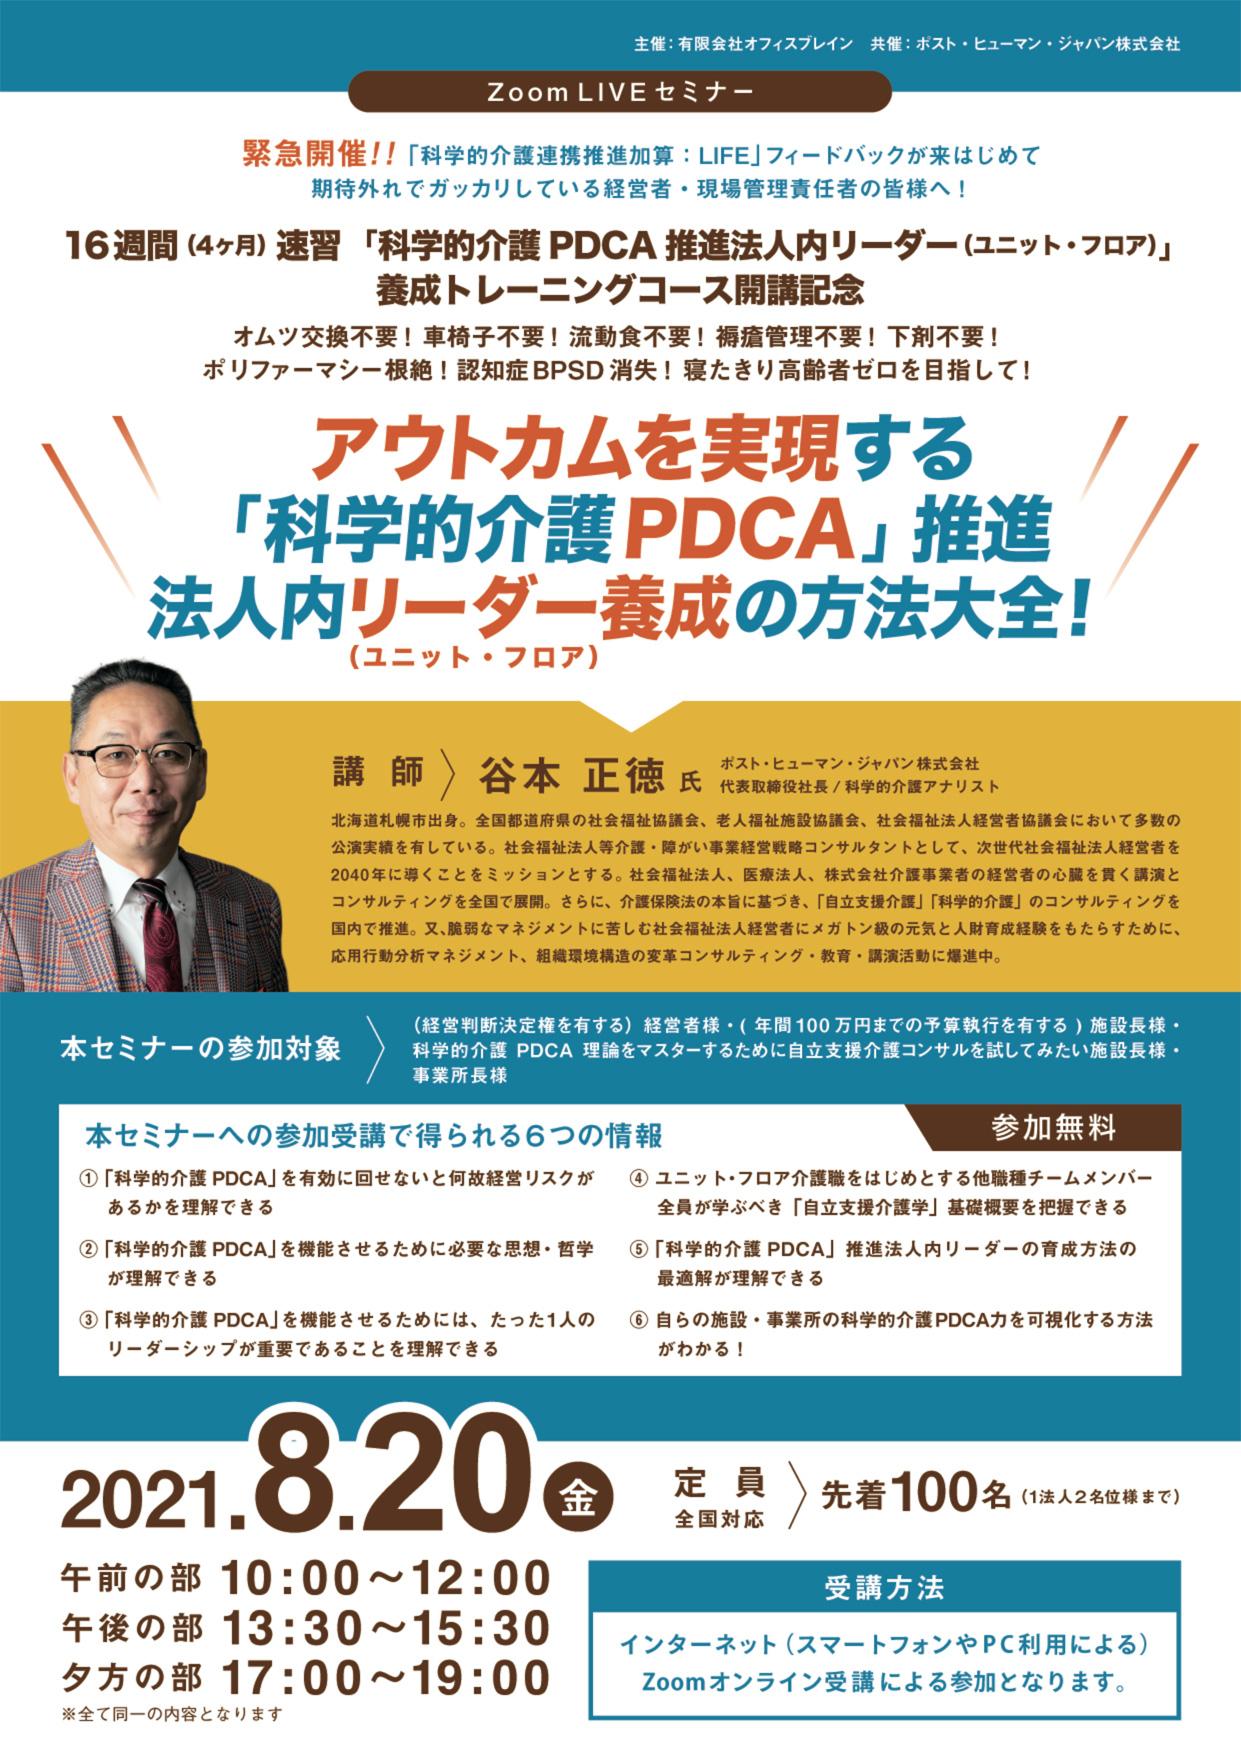 アウトカムを実現する「科学的介護PDCA」推進 法人内リーダー養成の方法大全!